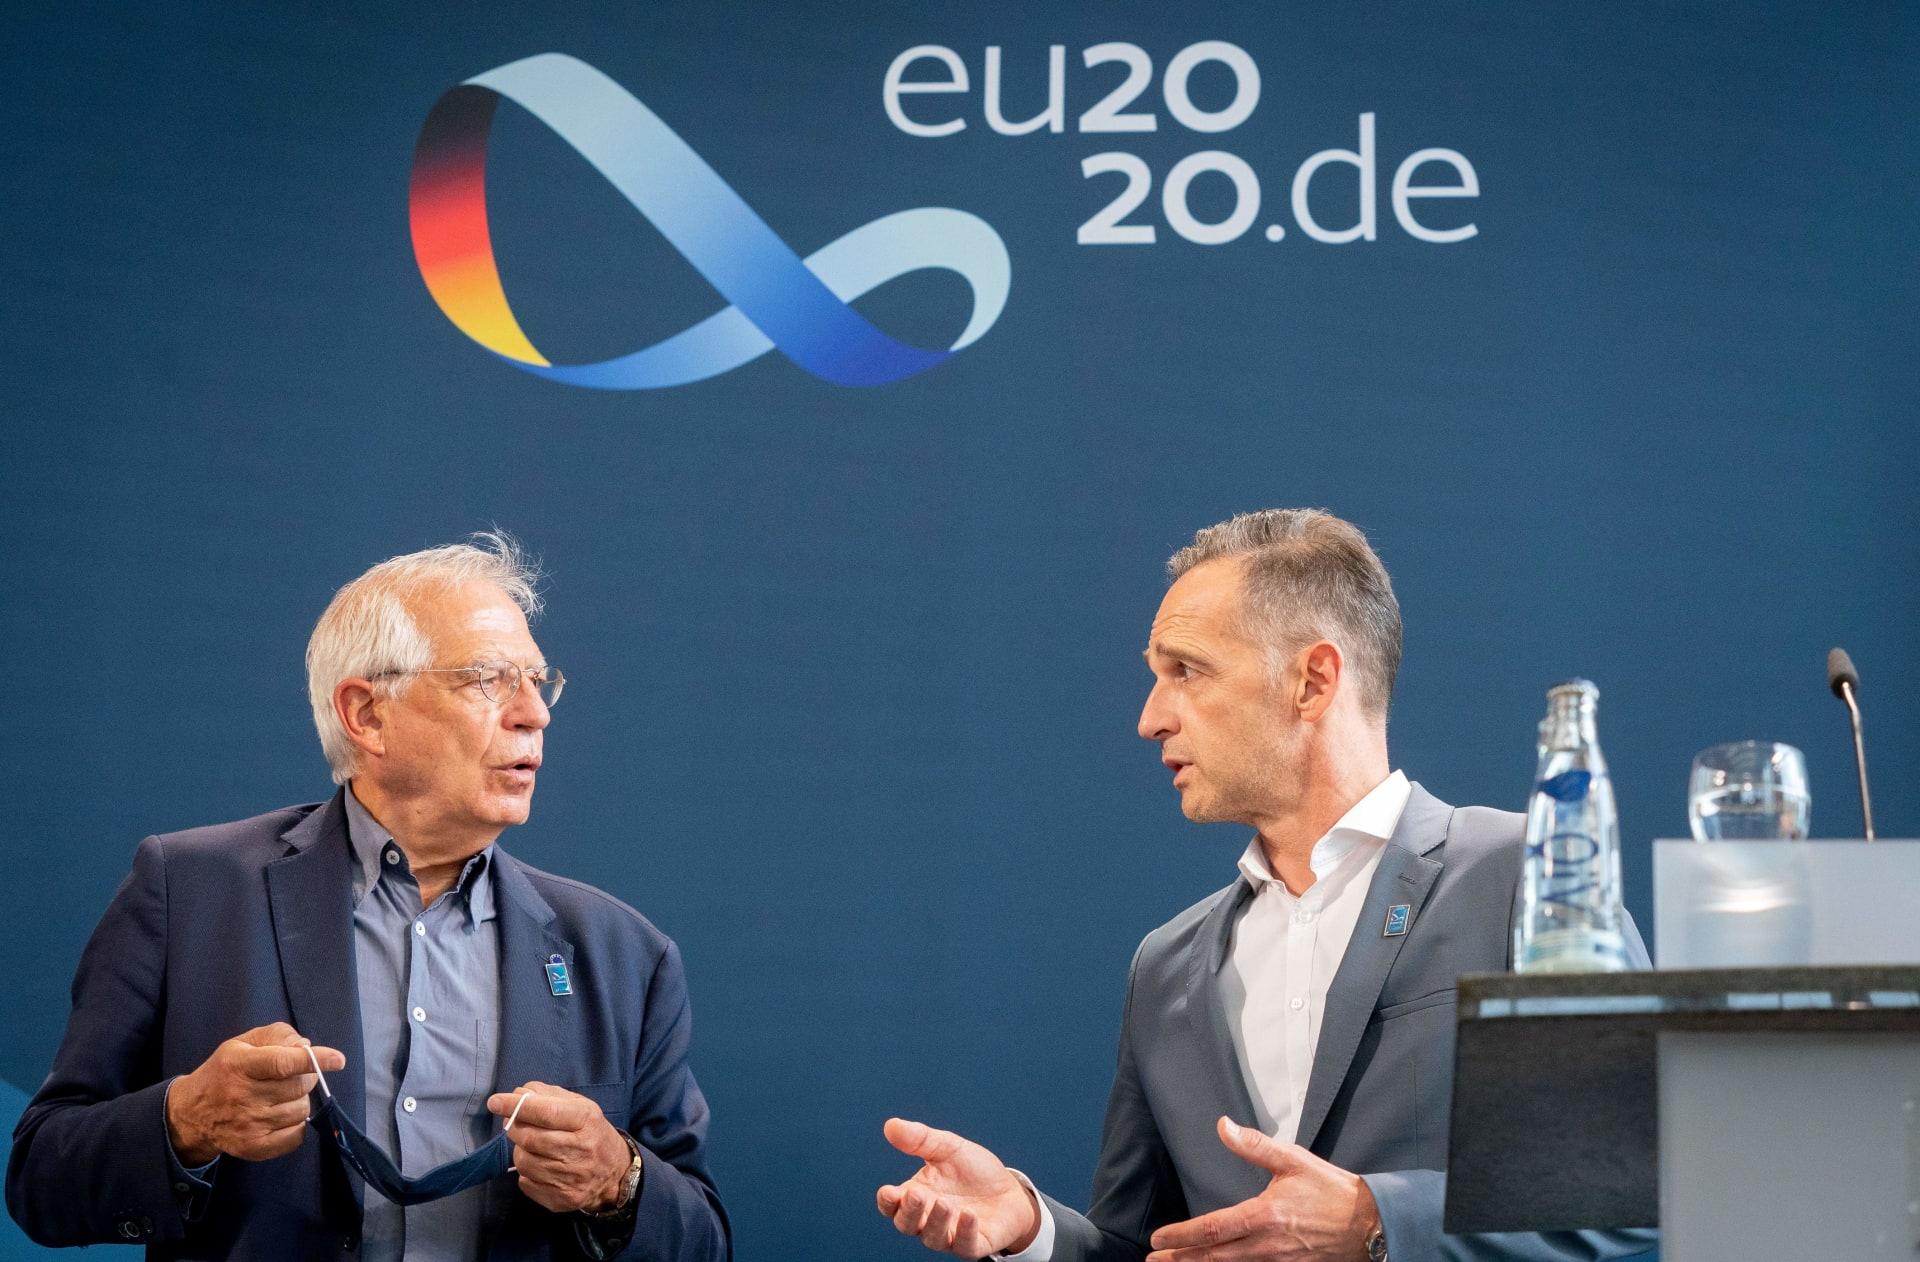 وزير الخارجية الألماني هايكو ماس والممثل الأعلى للسياسة الخارجية بالاتحاد الأوروبي جوزيب بوريل